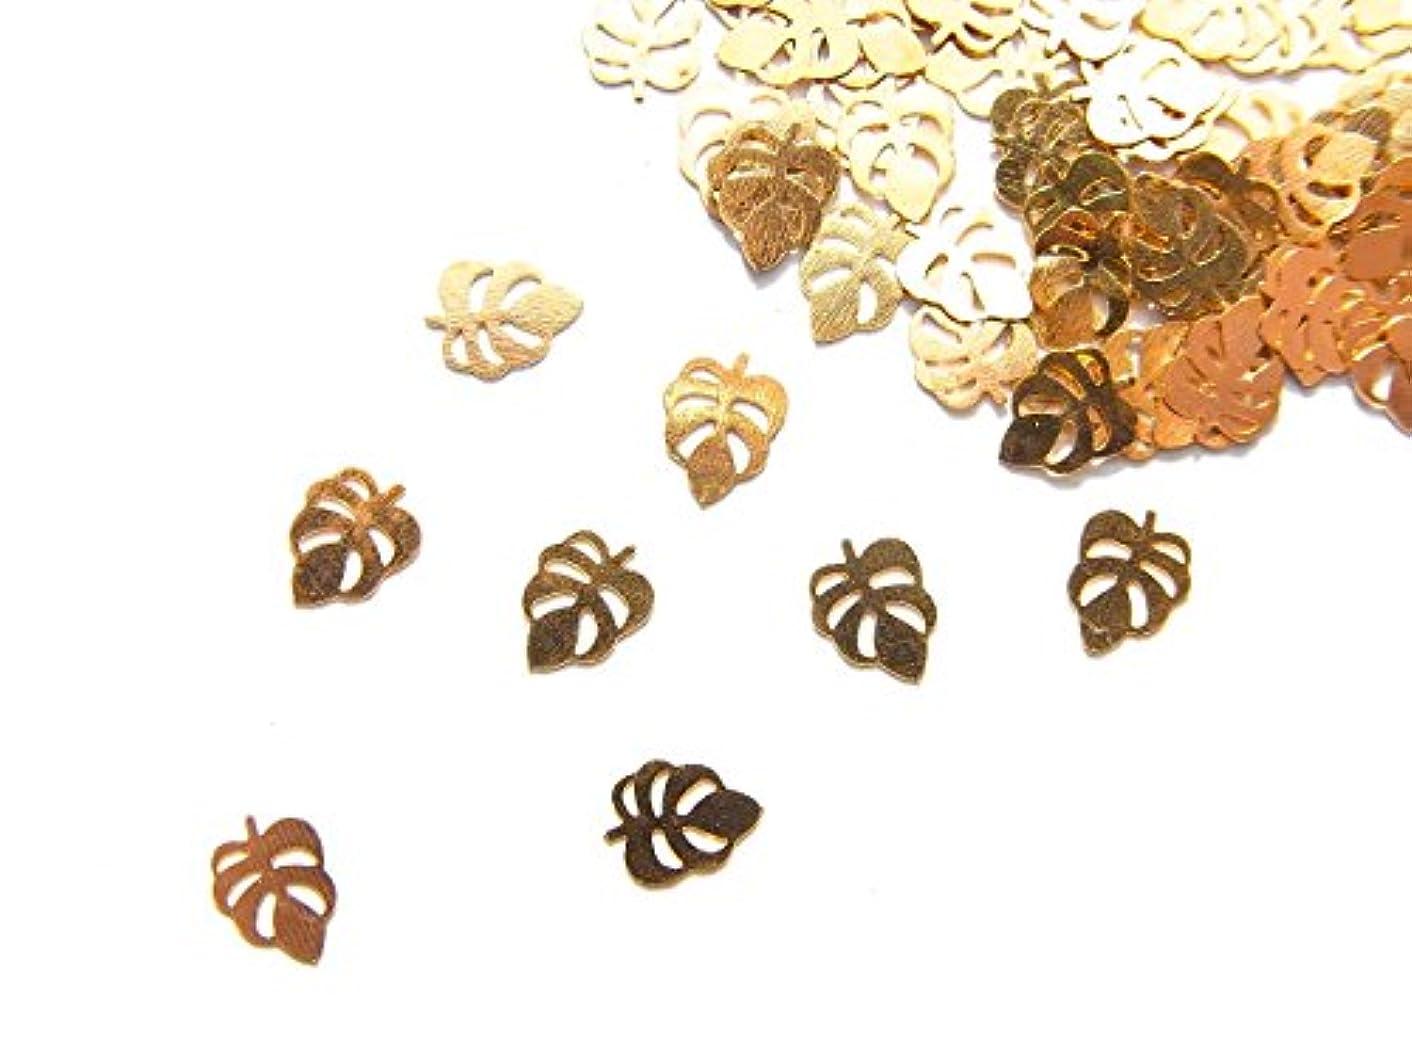 もう一度迷惑純粋な【jewel】ug30 薄型ゴールド メタルパーツ 葉っぱ リーフ 10個入り ネイルアートパーツ レジンパーツ